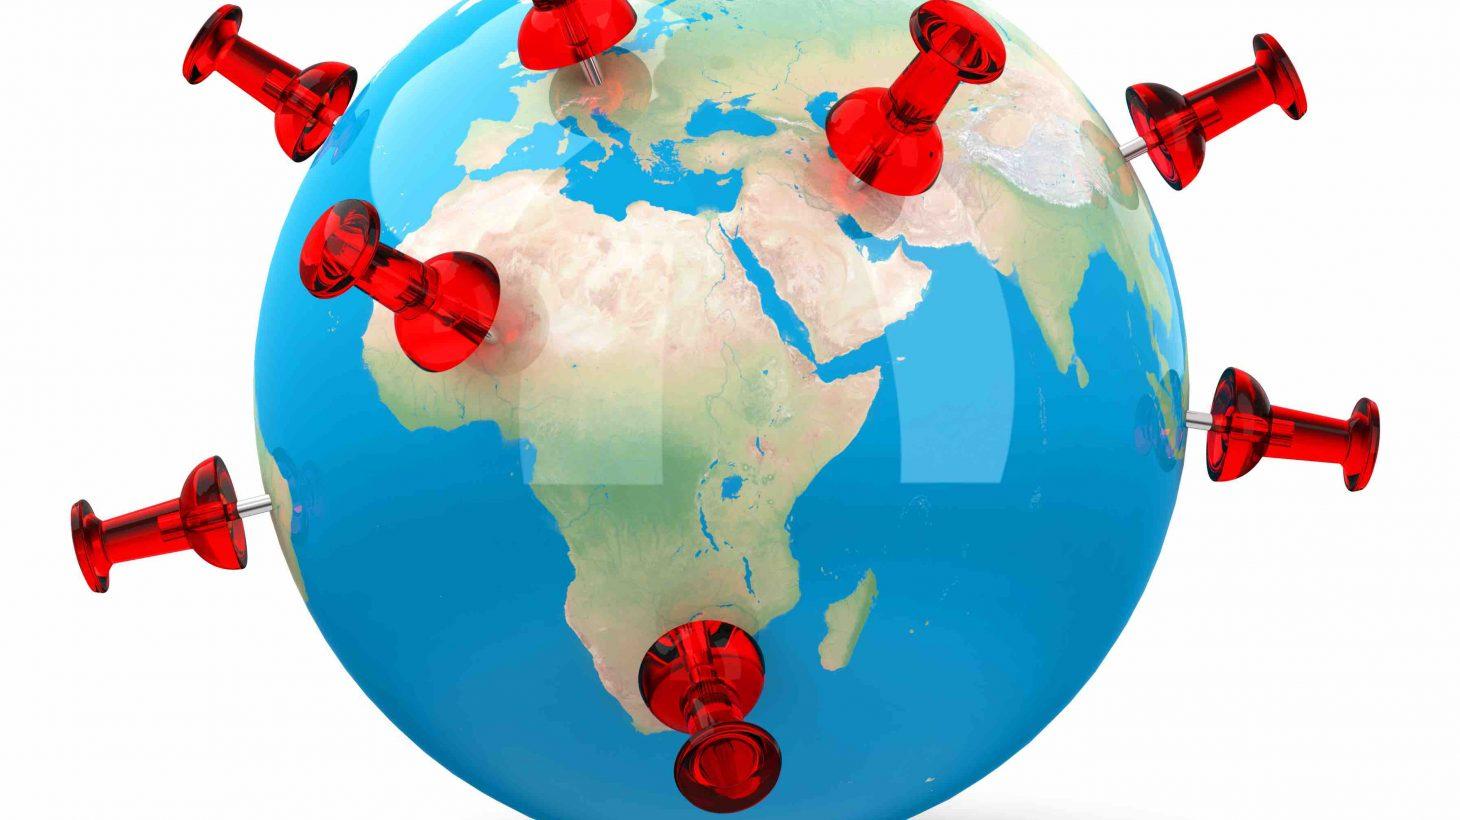 En jordglob med röda häftstift som markerar platser runt om klotet.